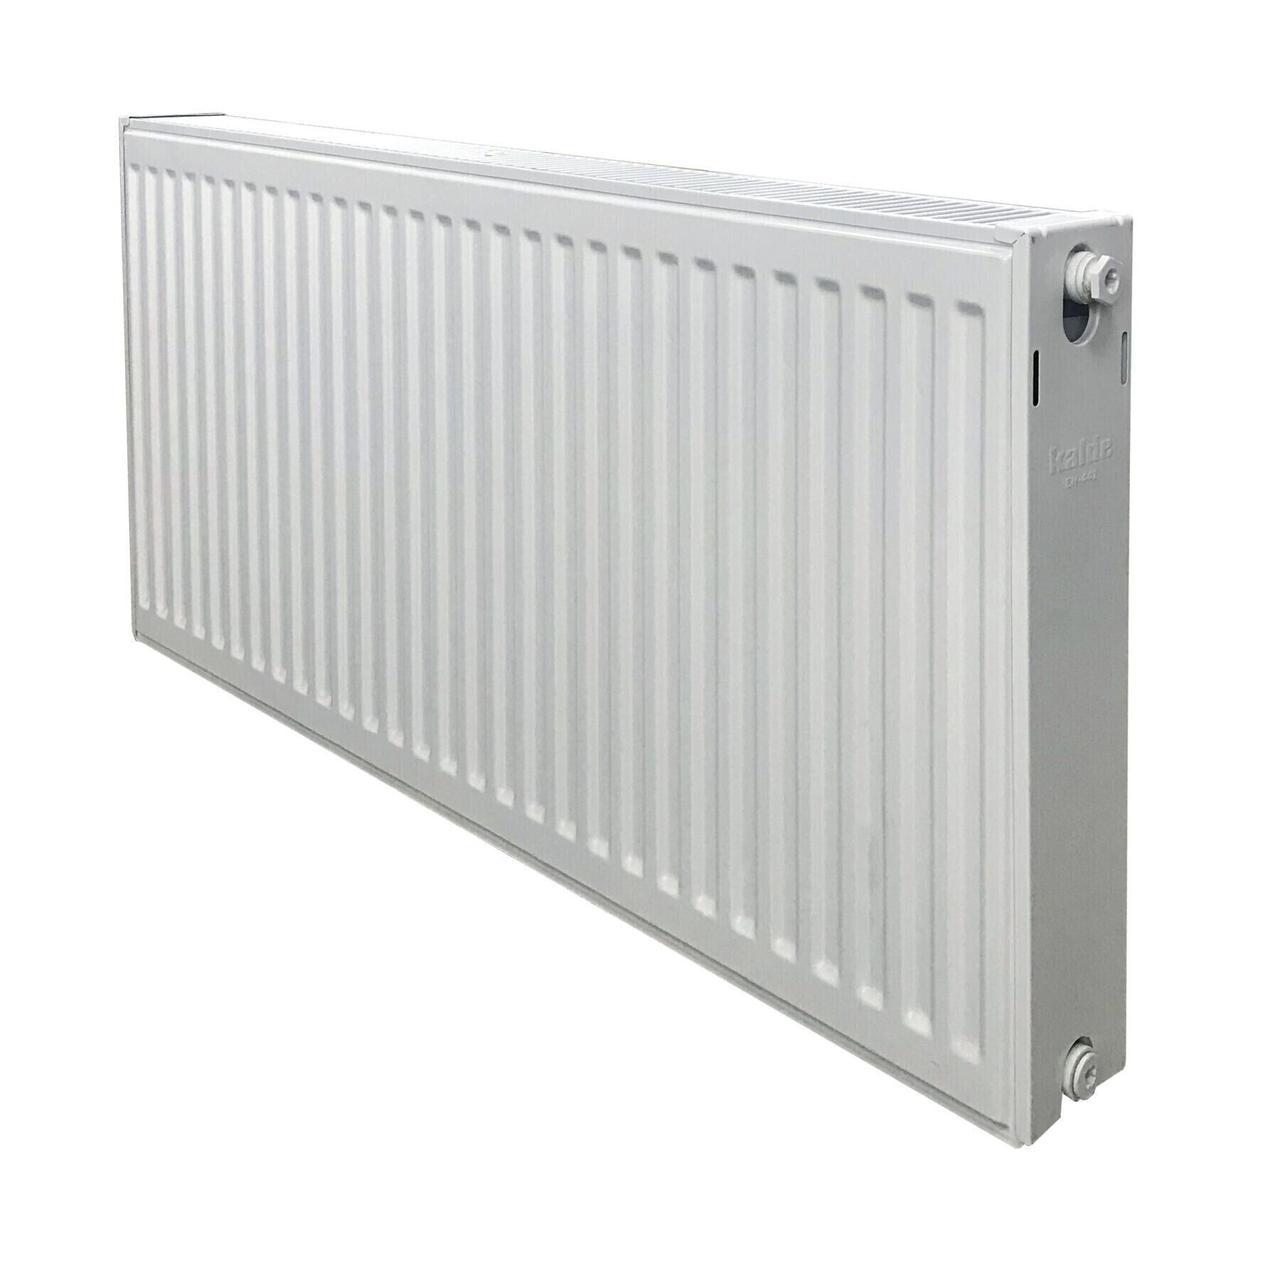 Радиатор стальной панельный 22 тип ниж. 600х800 ТМ 'KALDE' 2110 Вт